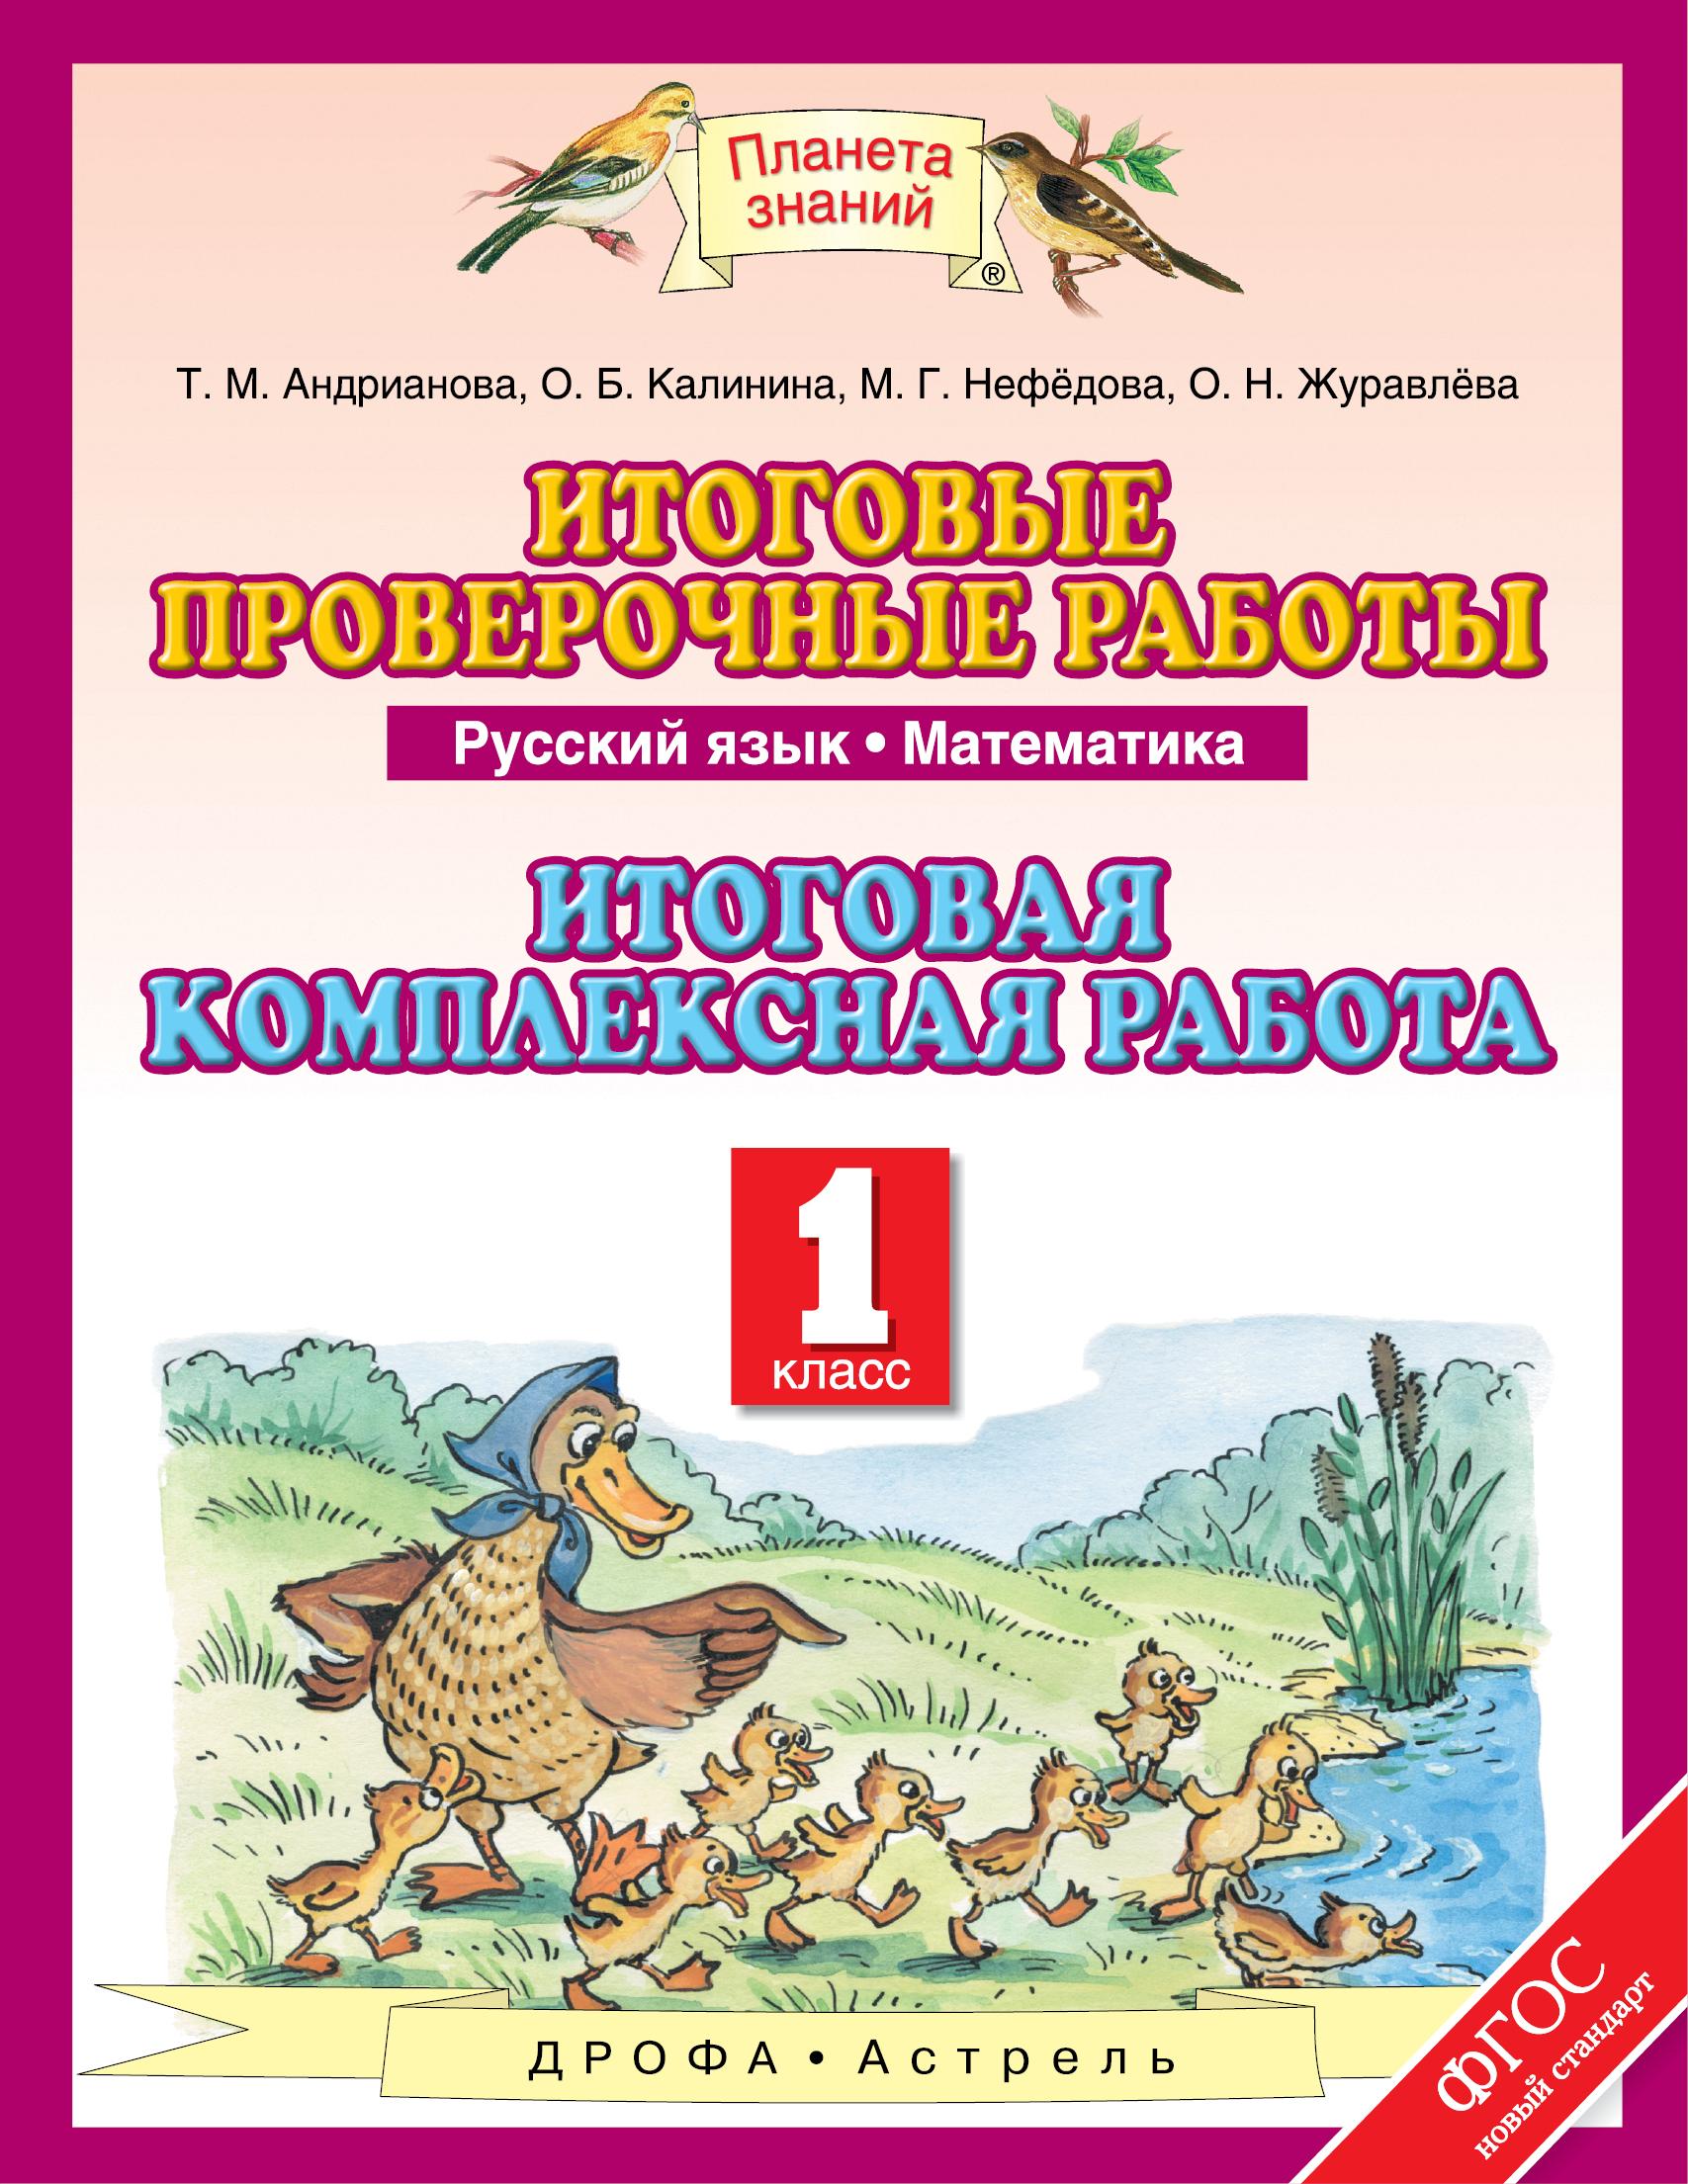 Русский язык. Математика. 1 класс. Итоговые проверочные работы